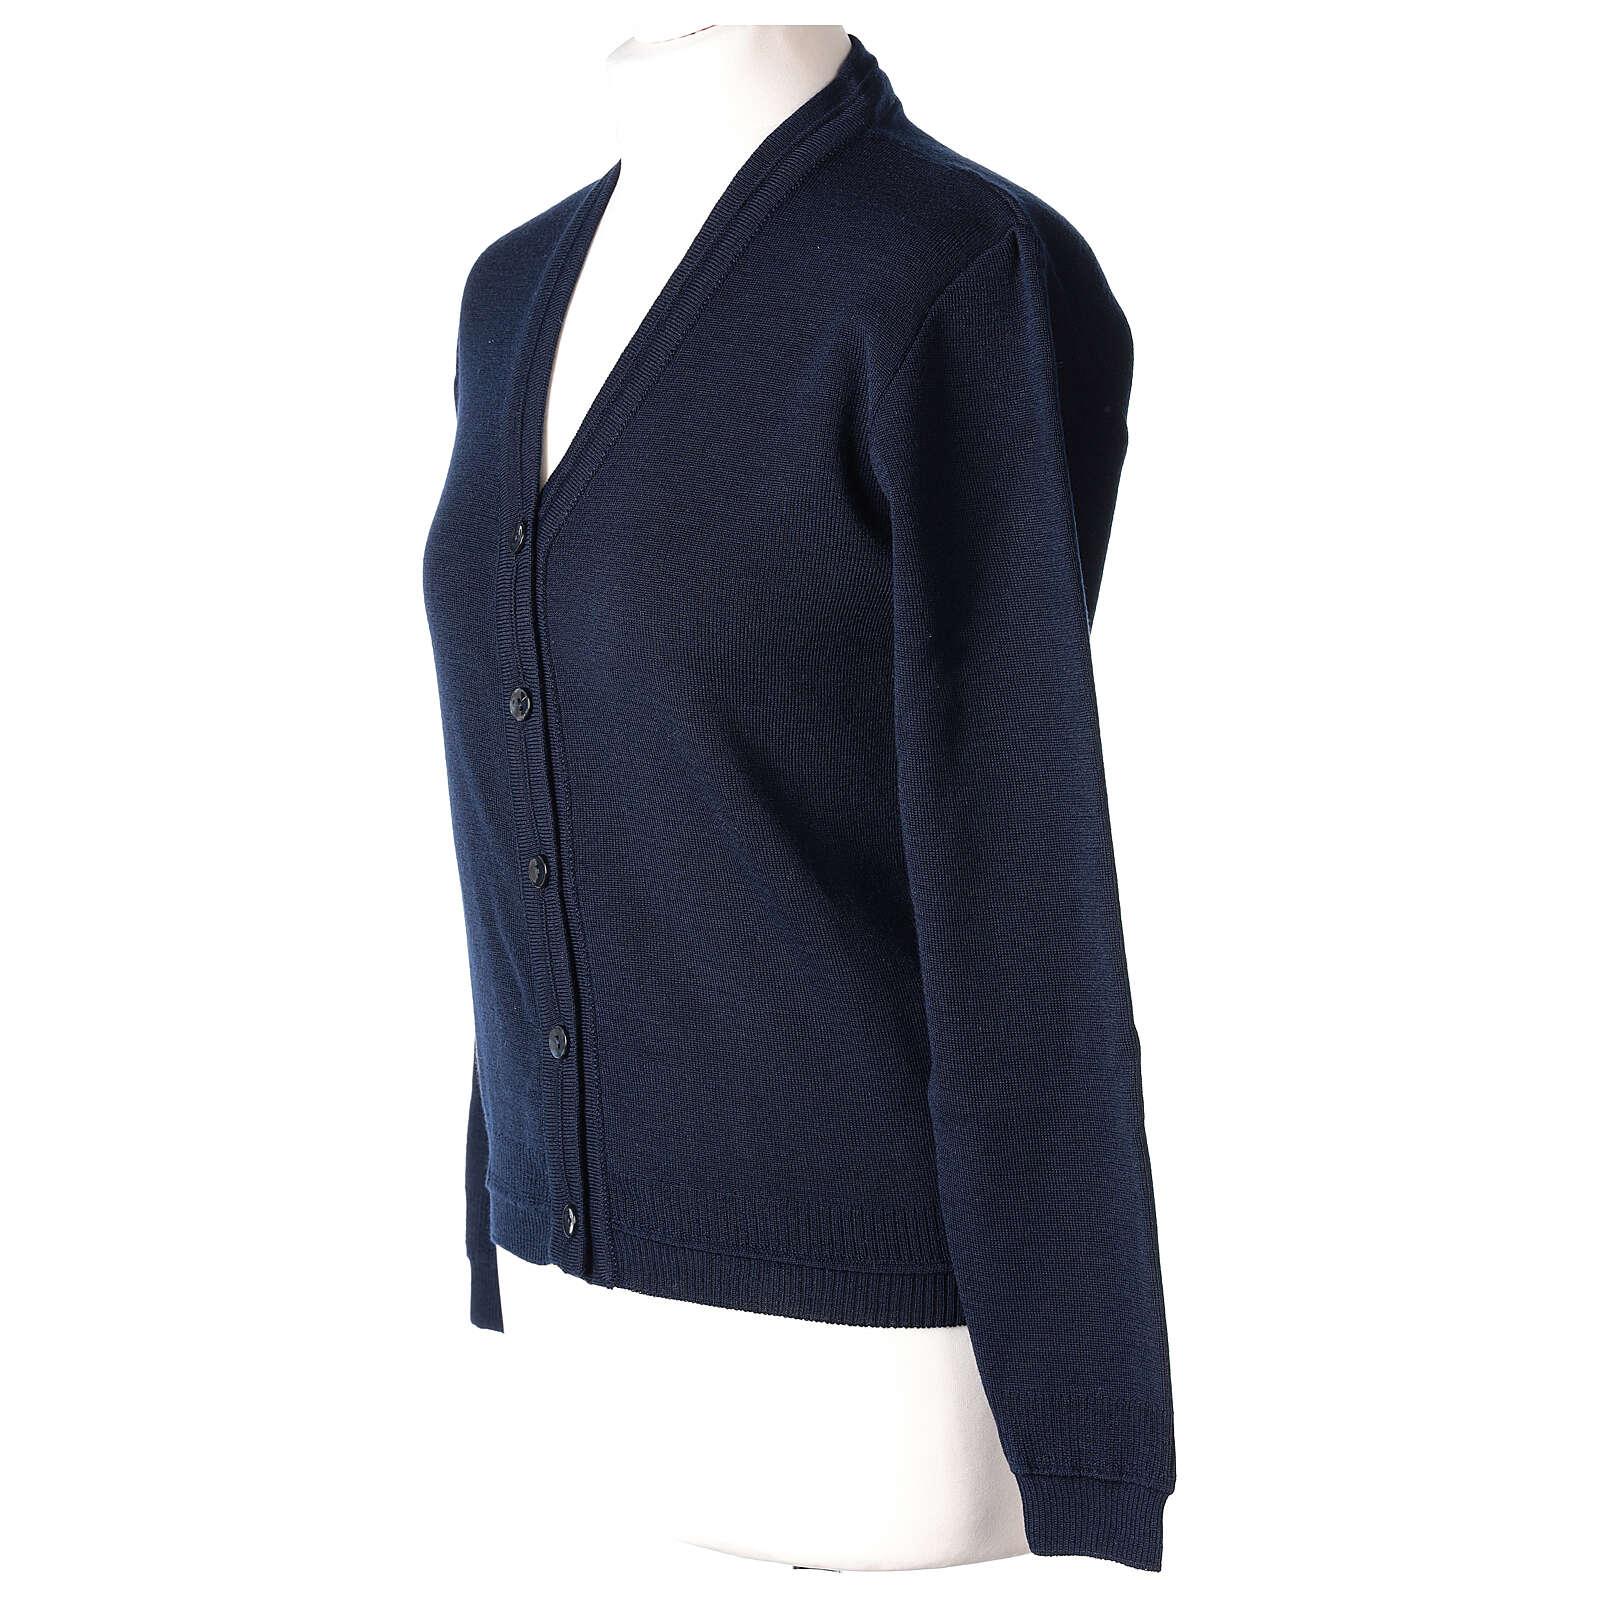 Casaco de malha curto azul decote em V para freira, 50% acrílico e 50% lã de merino, linha